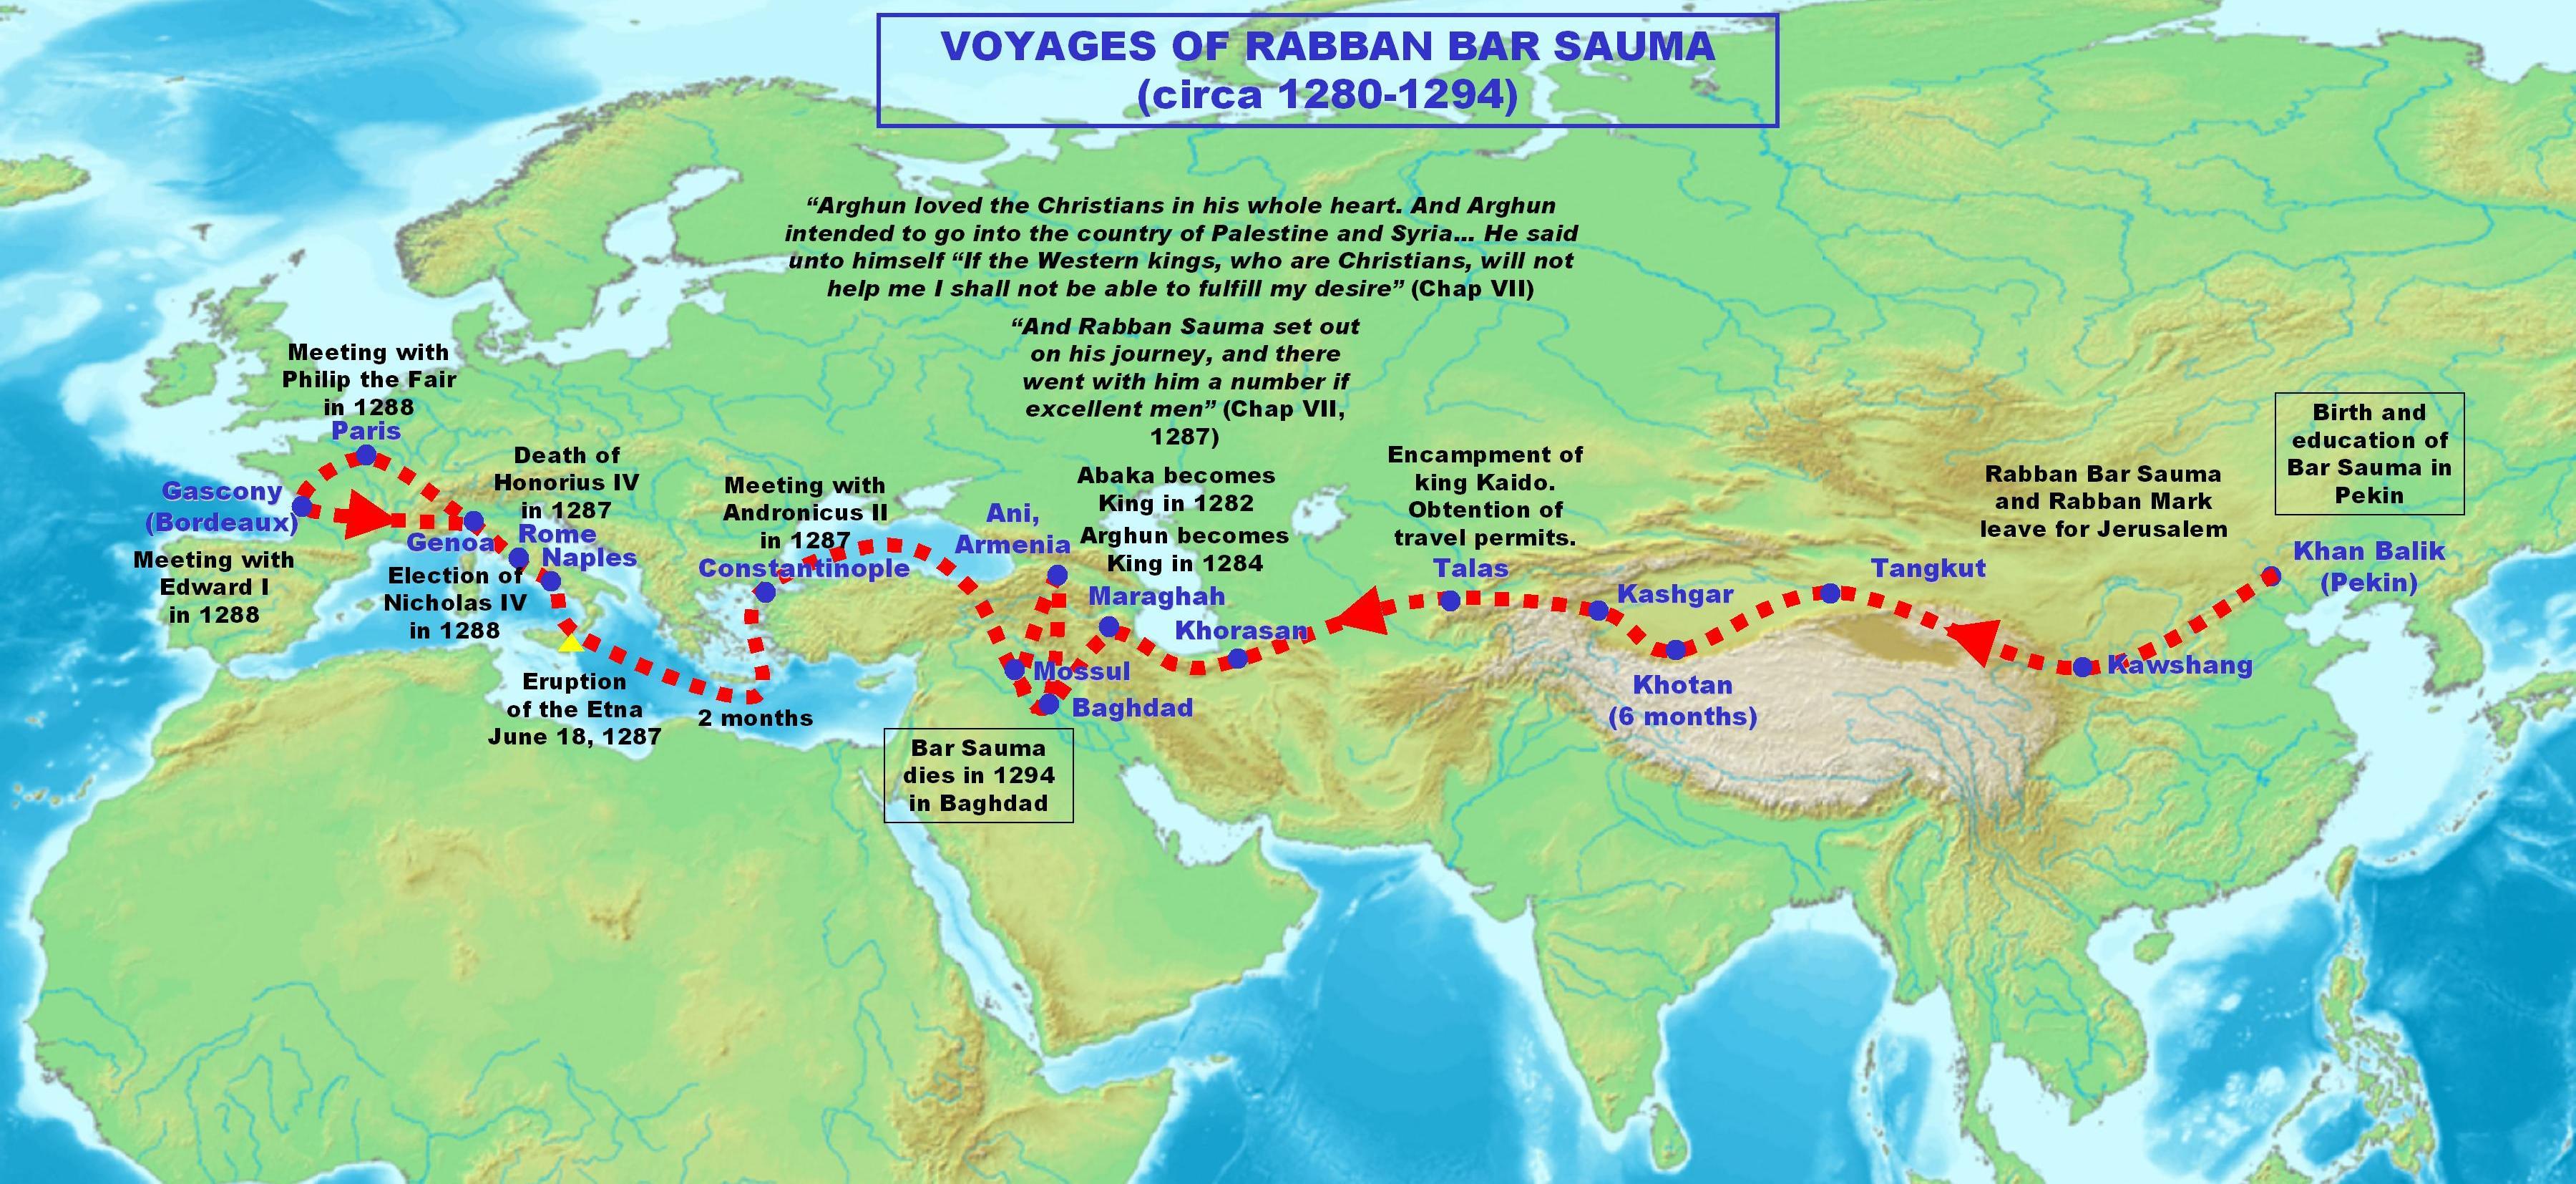 Die Reiseroute von Rabban Bar Sauma